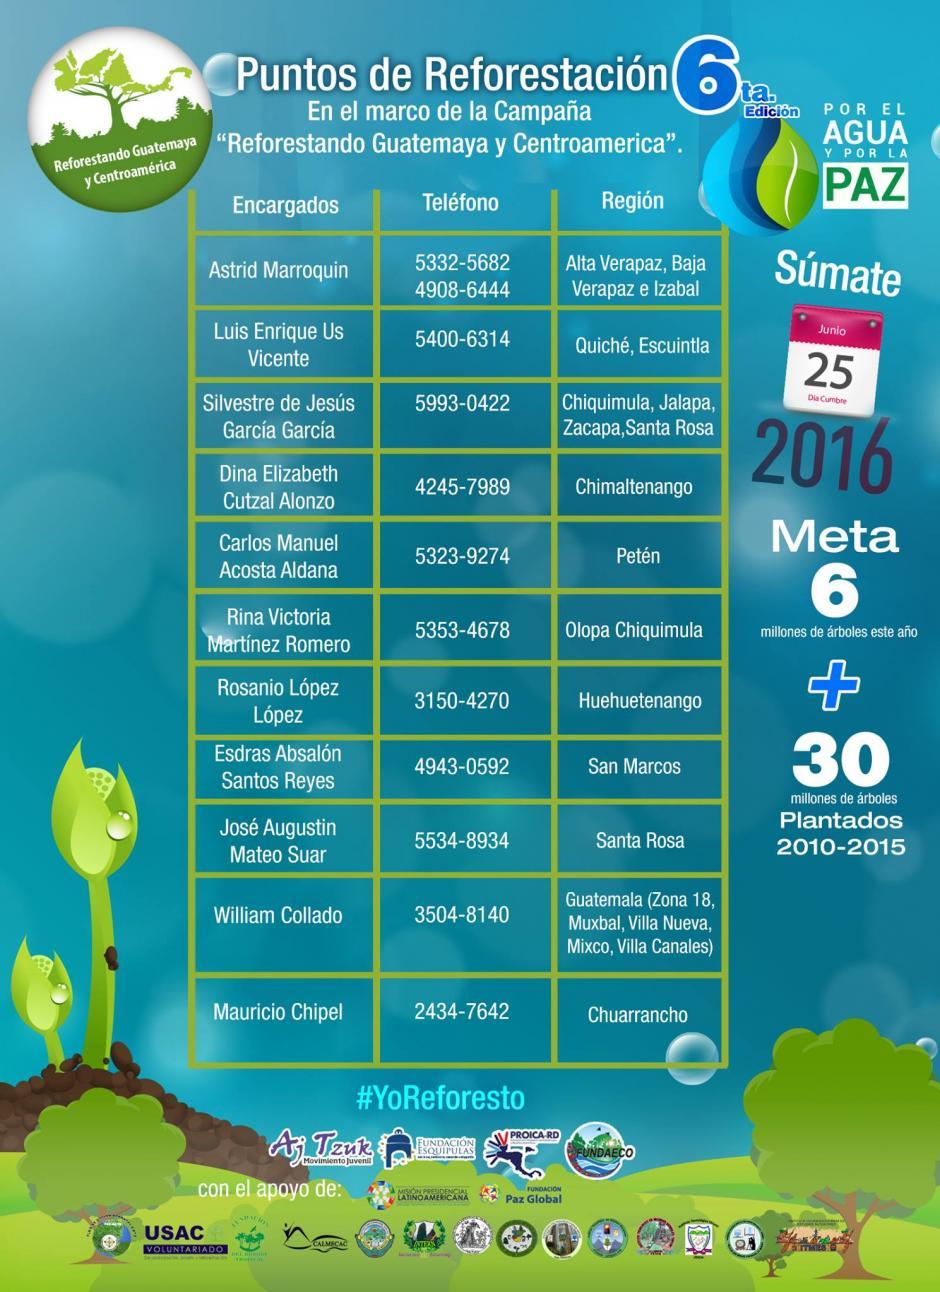 Estos son algunos de los puntos donde se hará la reforestación y los contactos. (Foto: Facebook)